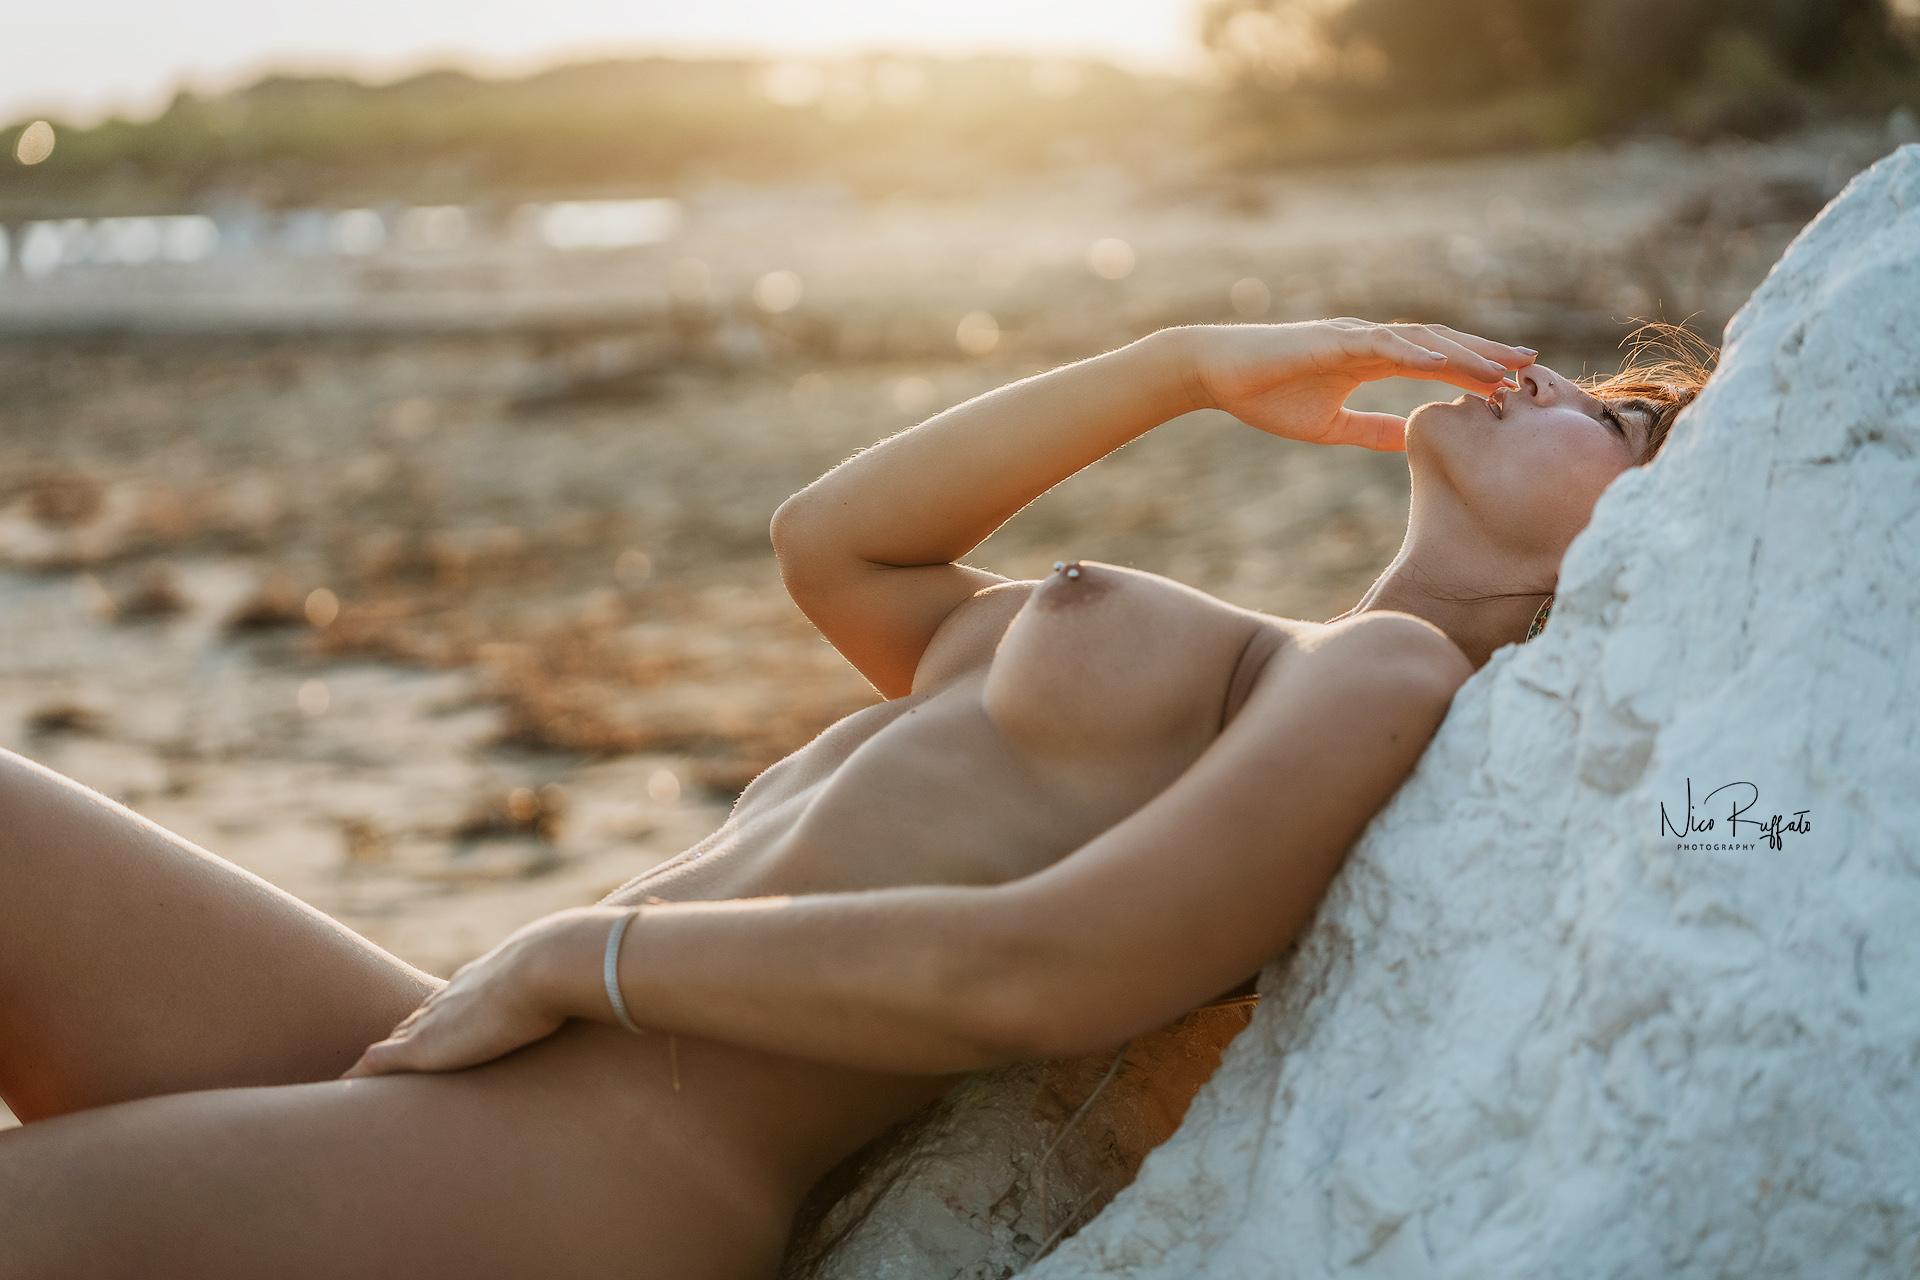 Categories: Boudoir & Nude, Glamour Portrait; Photo: NICO RUFFATO; Model: REGINA LEOPARDI; Location: Jesolo, VE